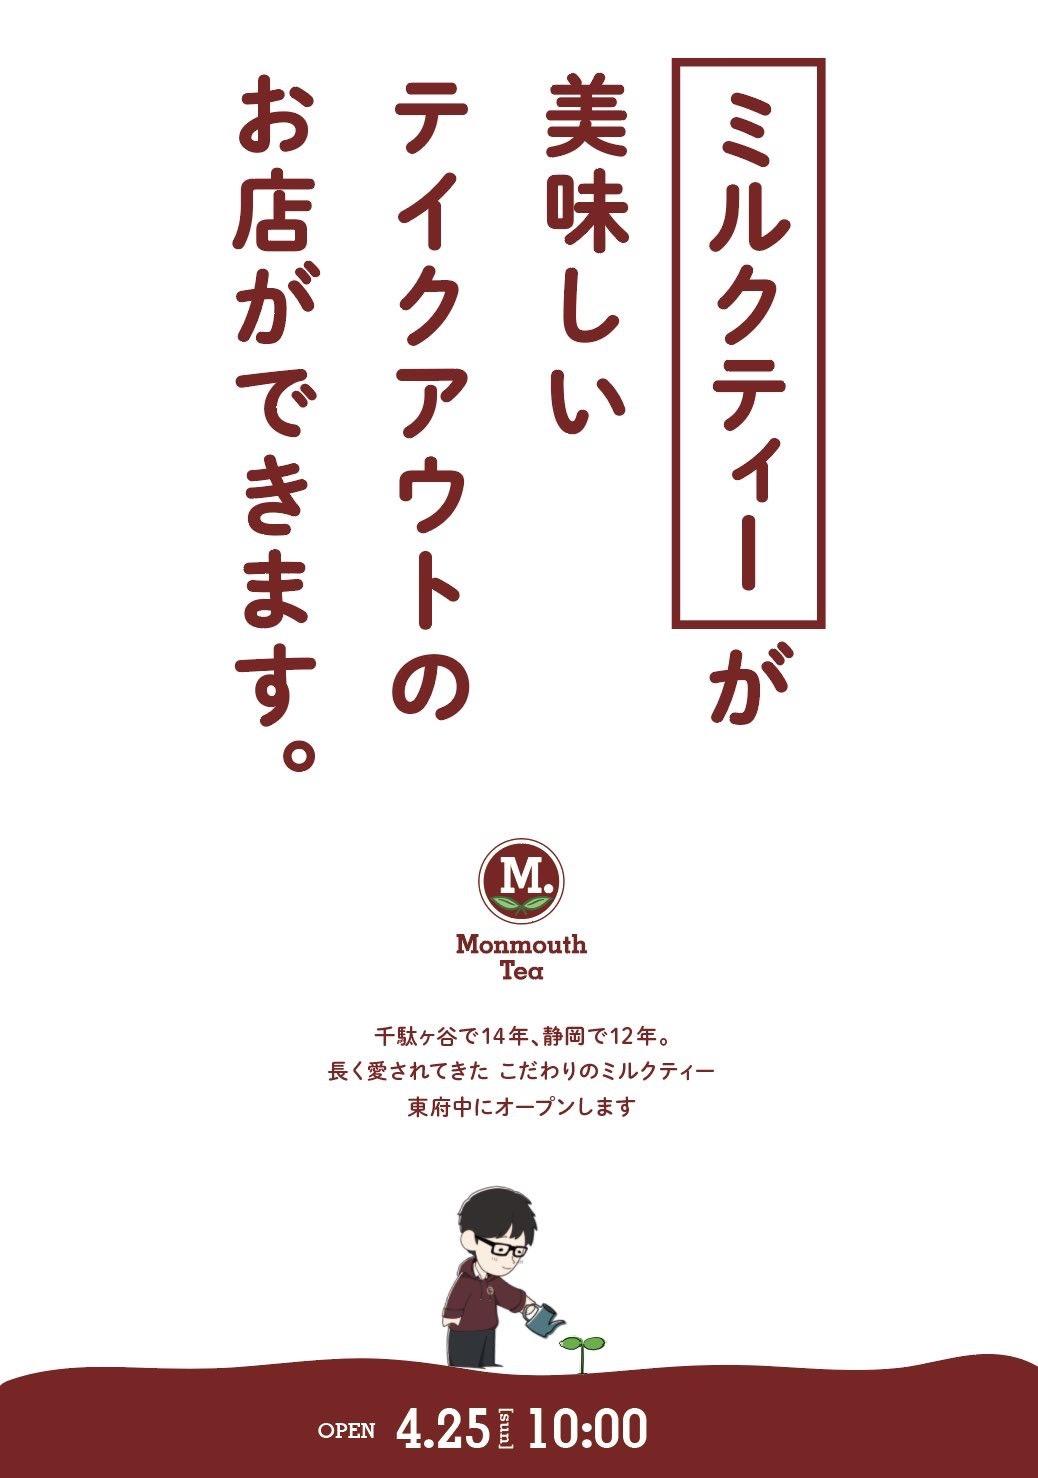 「モンマスティー東府中オープン」_a0075684_14114462.jpg